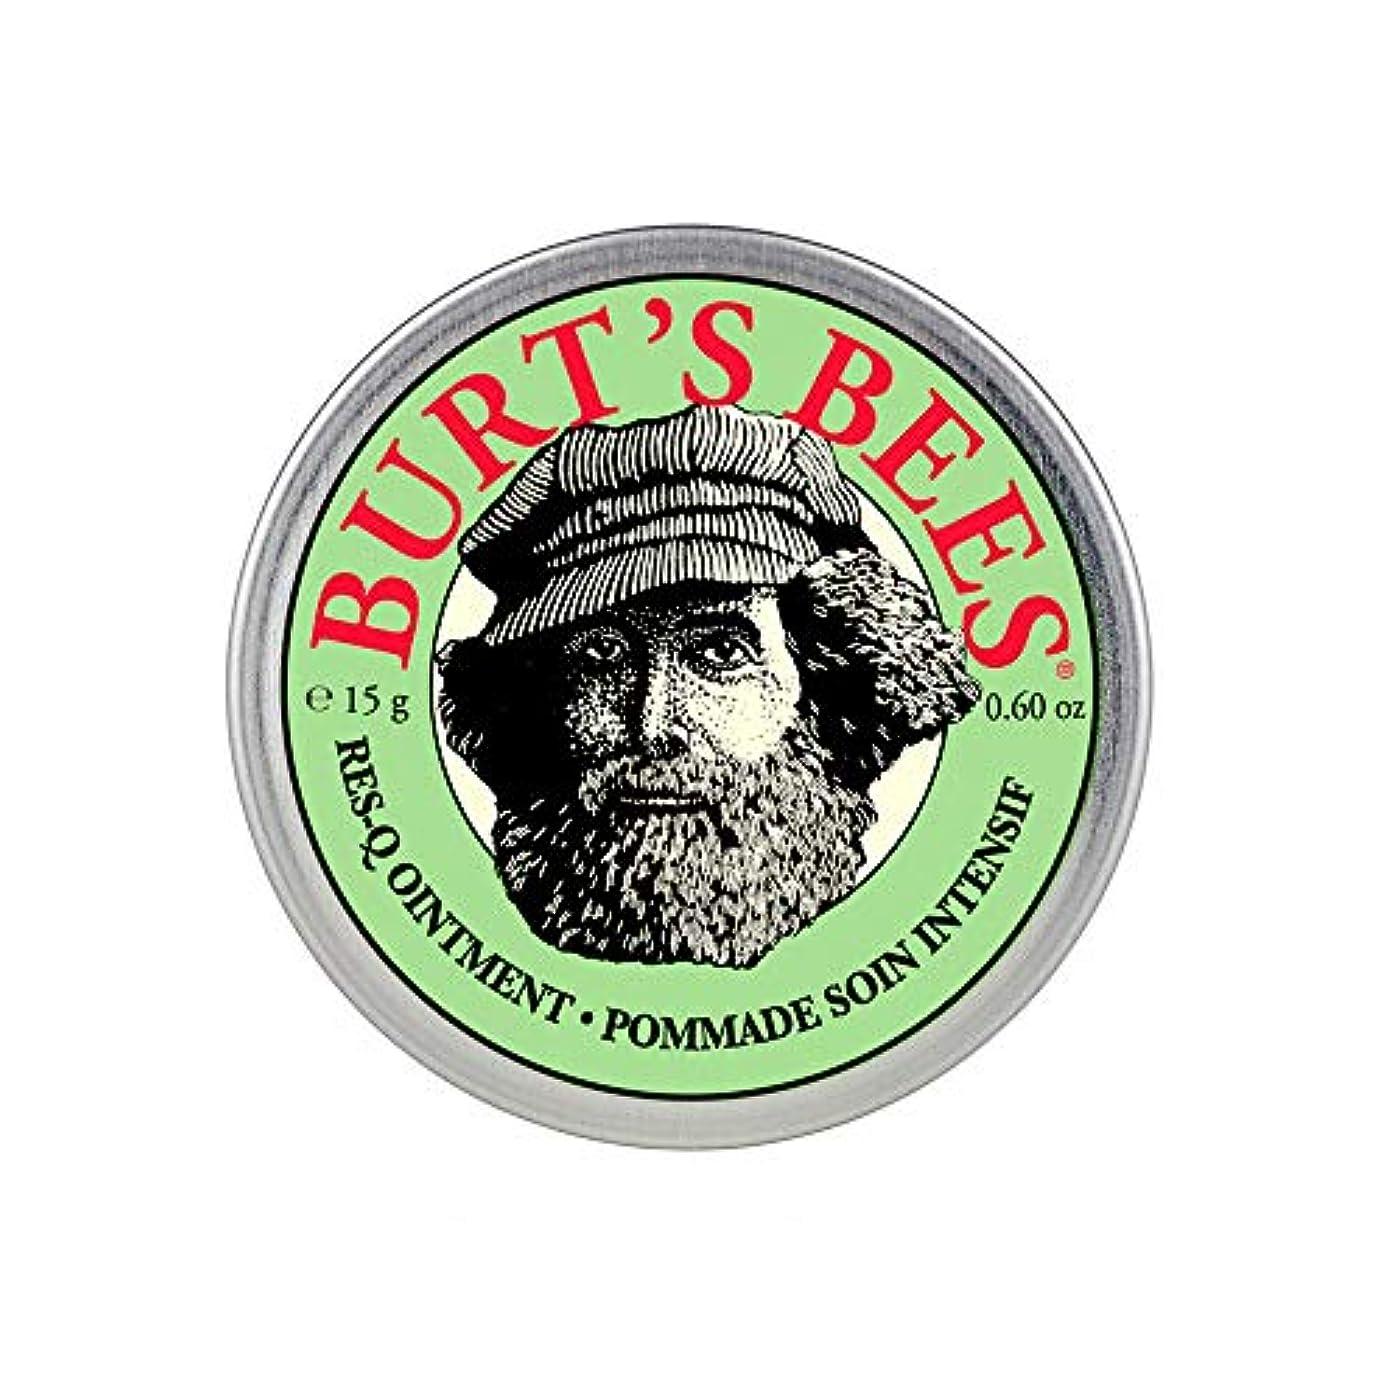 フィヨルド知覚できるそこバーツビーズ(Burt's Bees) レスキュー オイントメント 15g [100%ナチュラル、軟膏] [海外直送][並行輸入品]